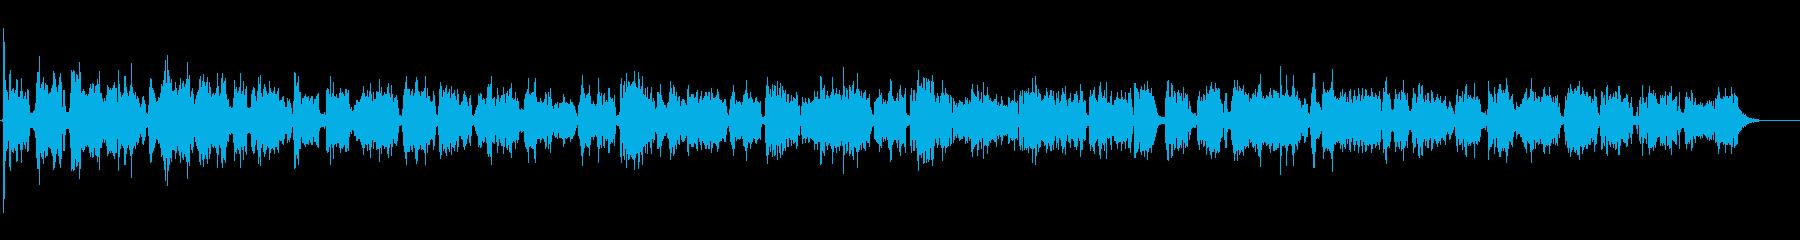 アコーディオンによるカバー曲の生演奏の再生済みの波形